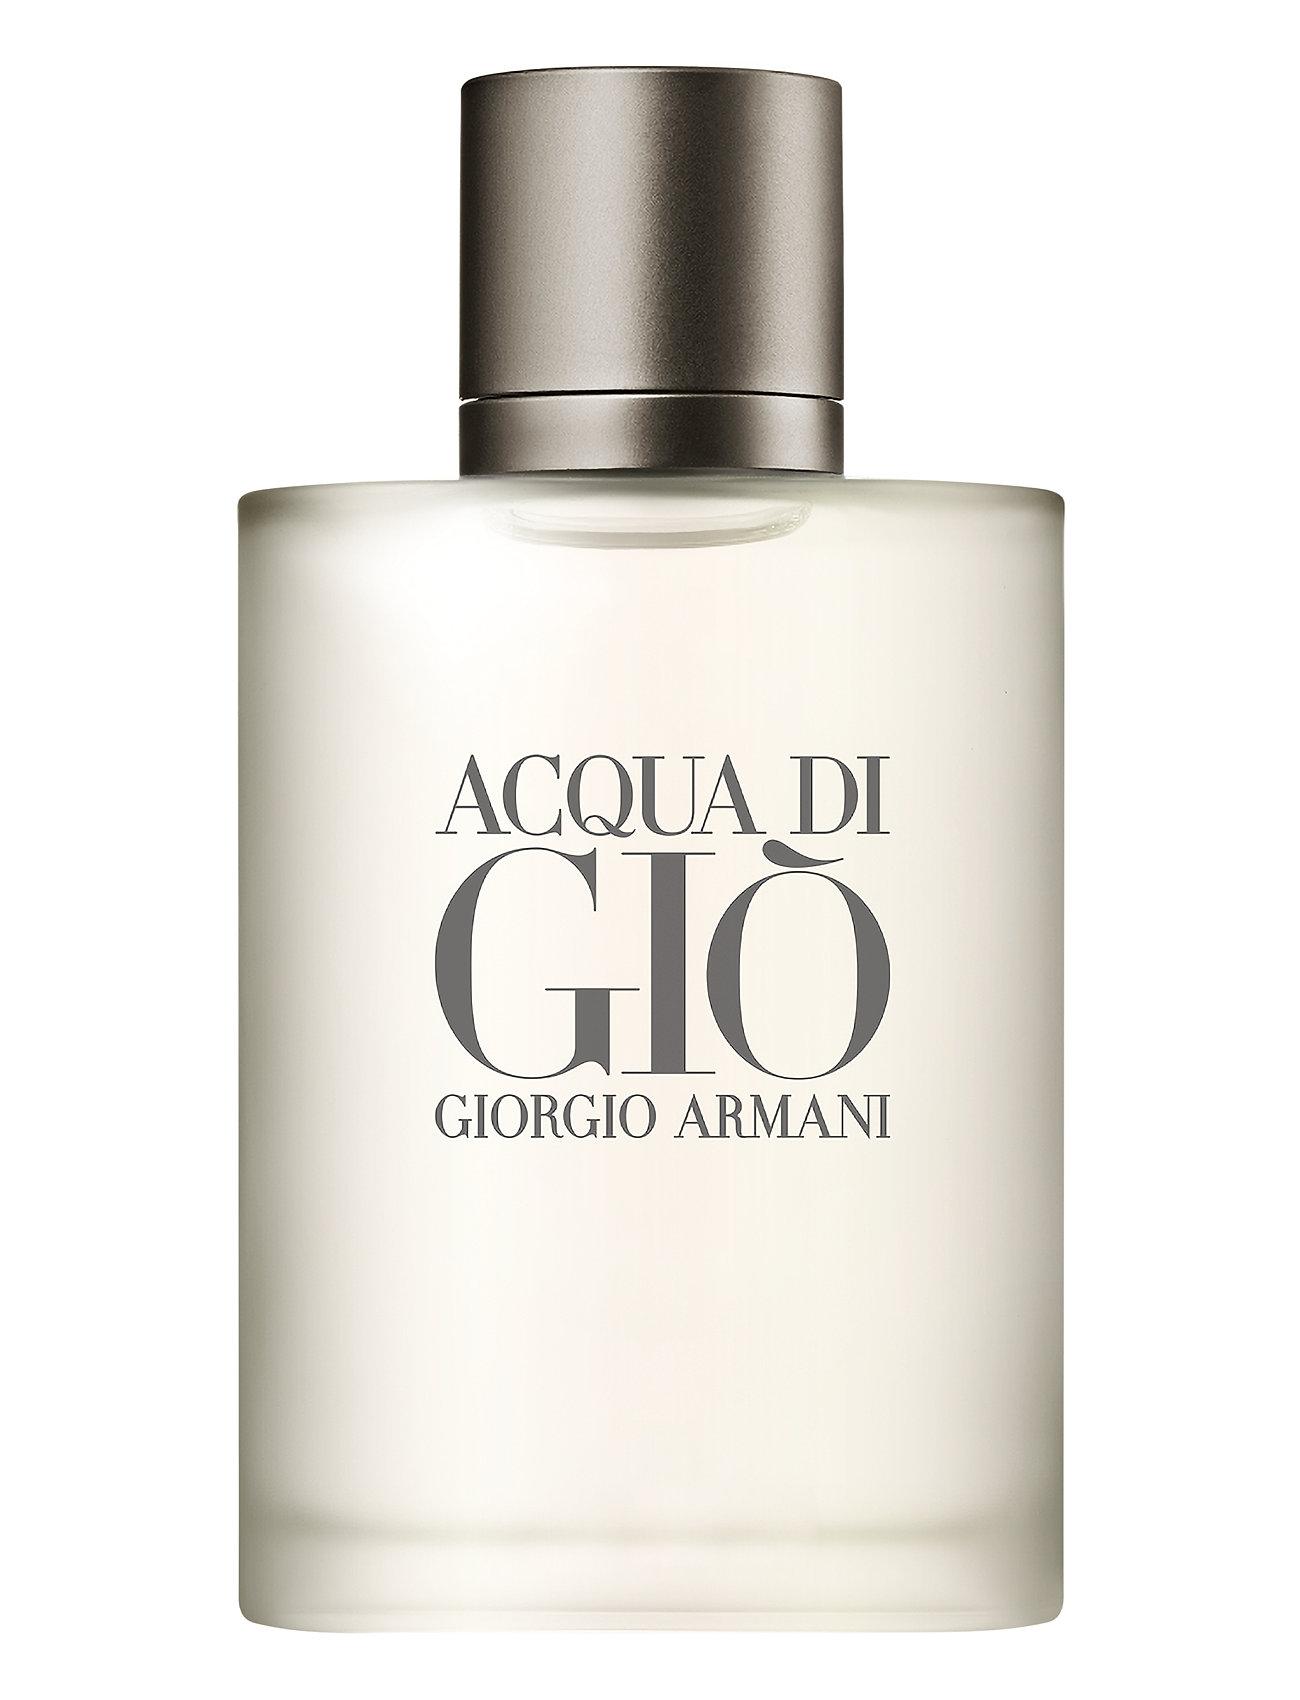 Acqua Di Giò Pour Homme Eau De Toilette 100 Ml Giorgio Armani #I/T til Mænd i